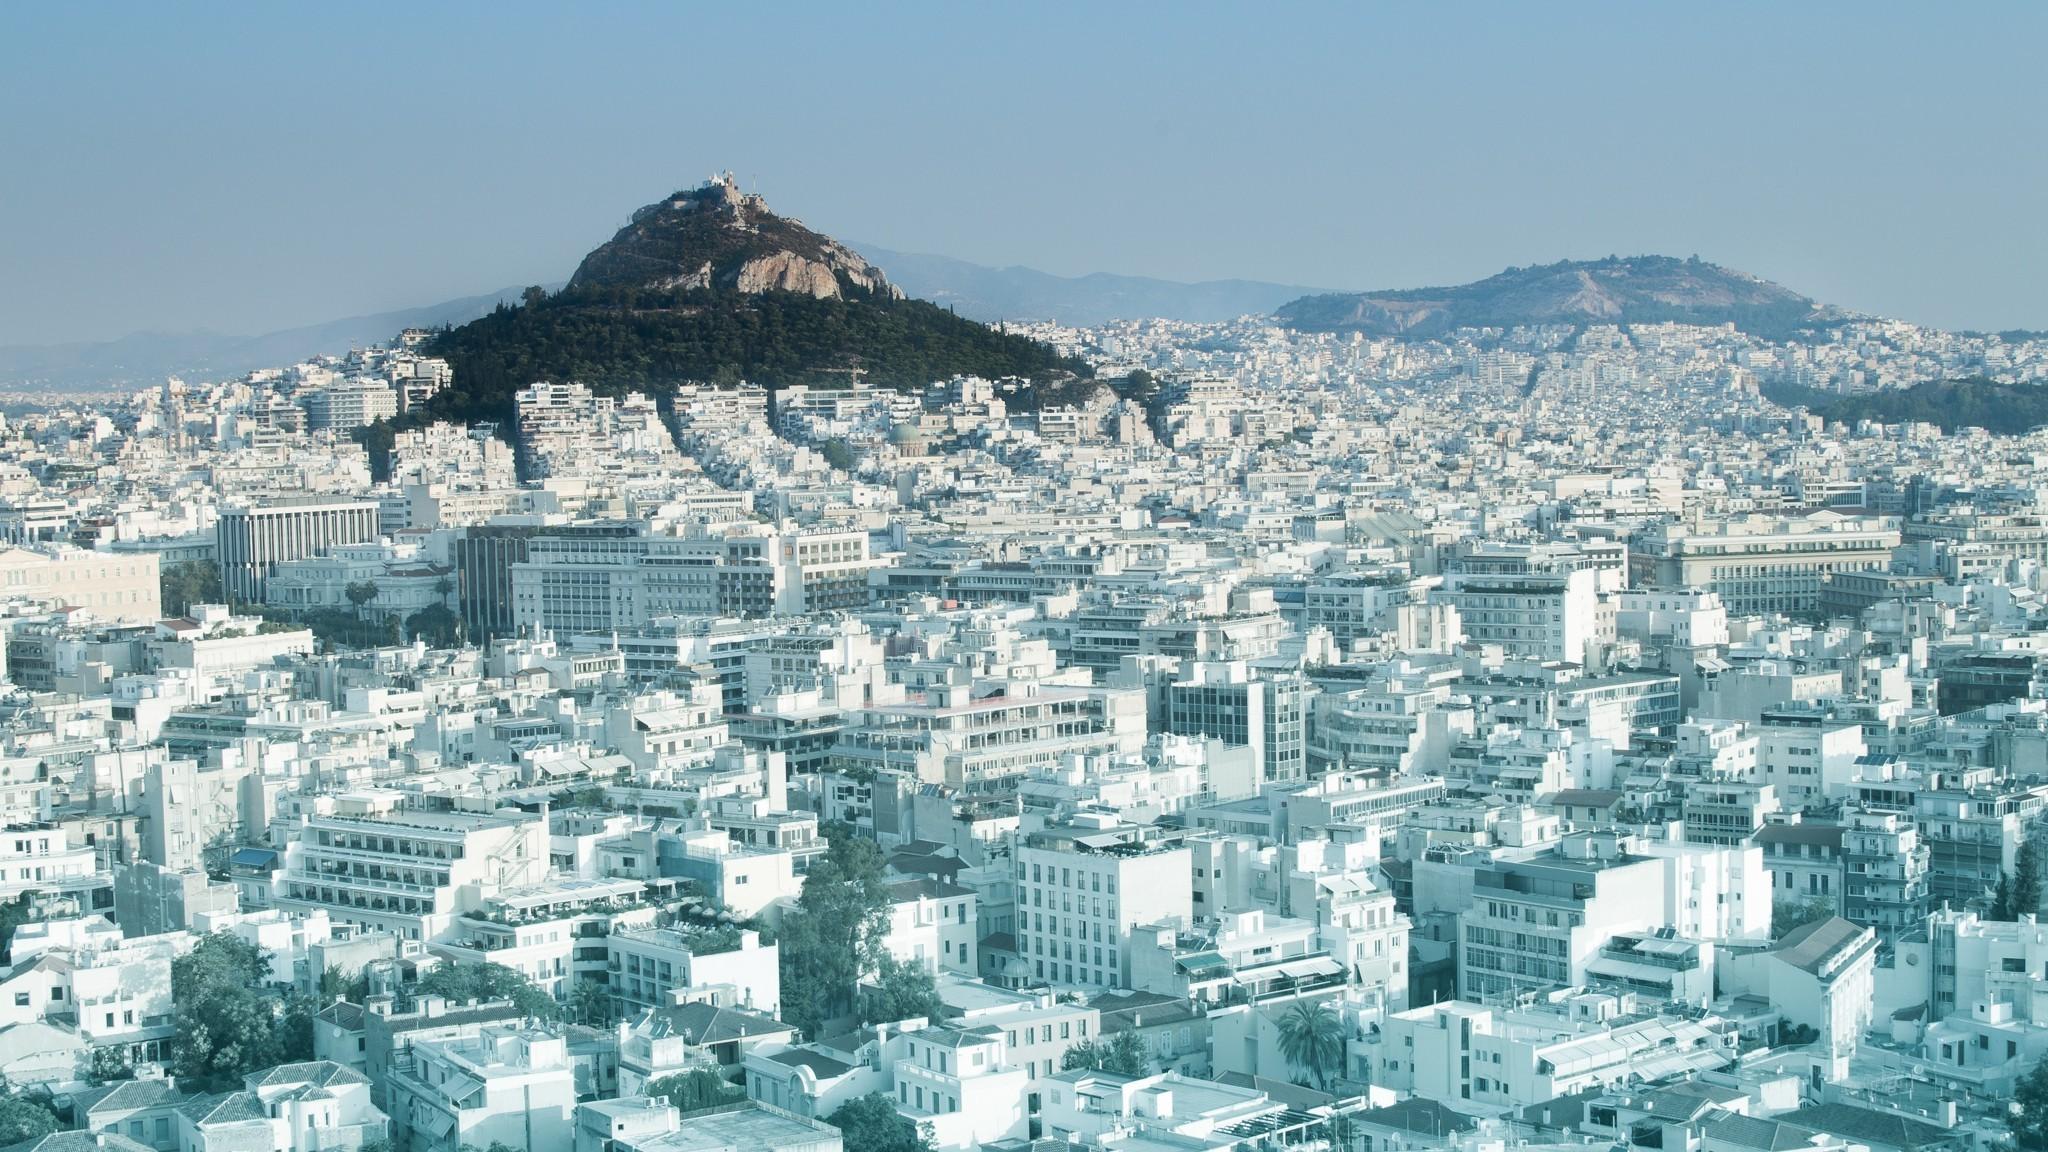 Athens Wallpapers Desktop 2048x1152   4USkY 2048x1152